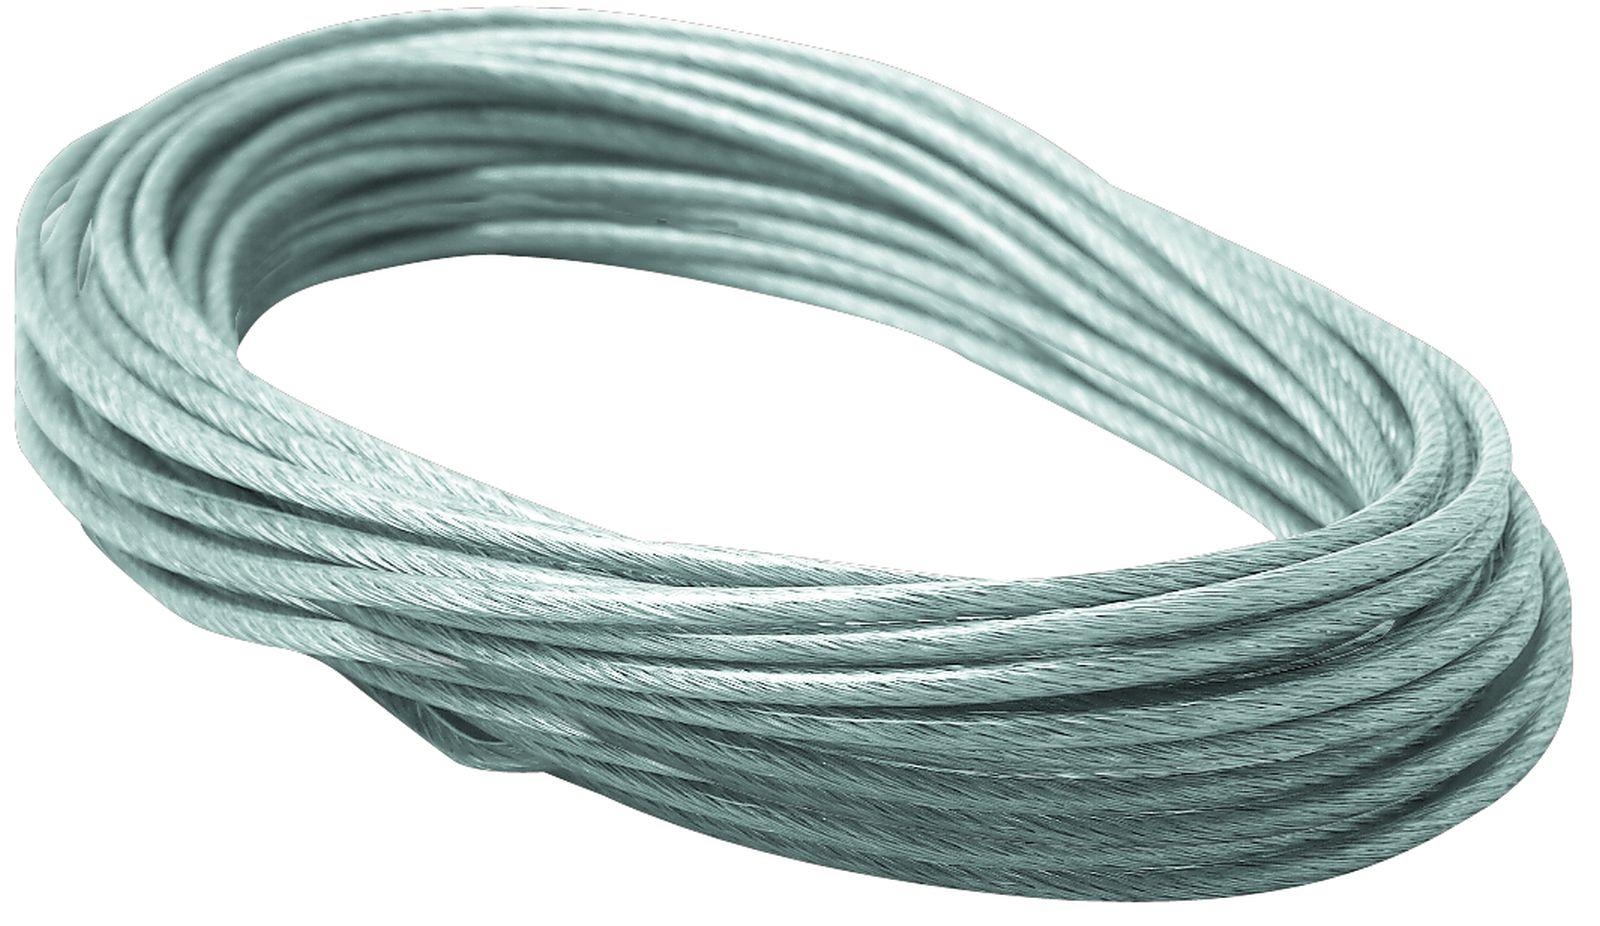 PaulmannSeil-Zubehör, Spannseil isoliert, 12m, 4mm², Klar